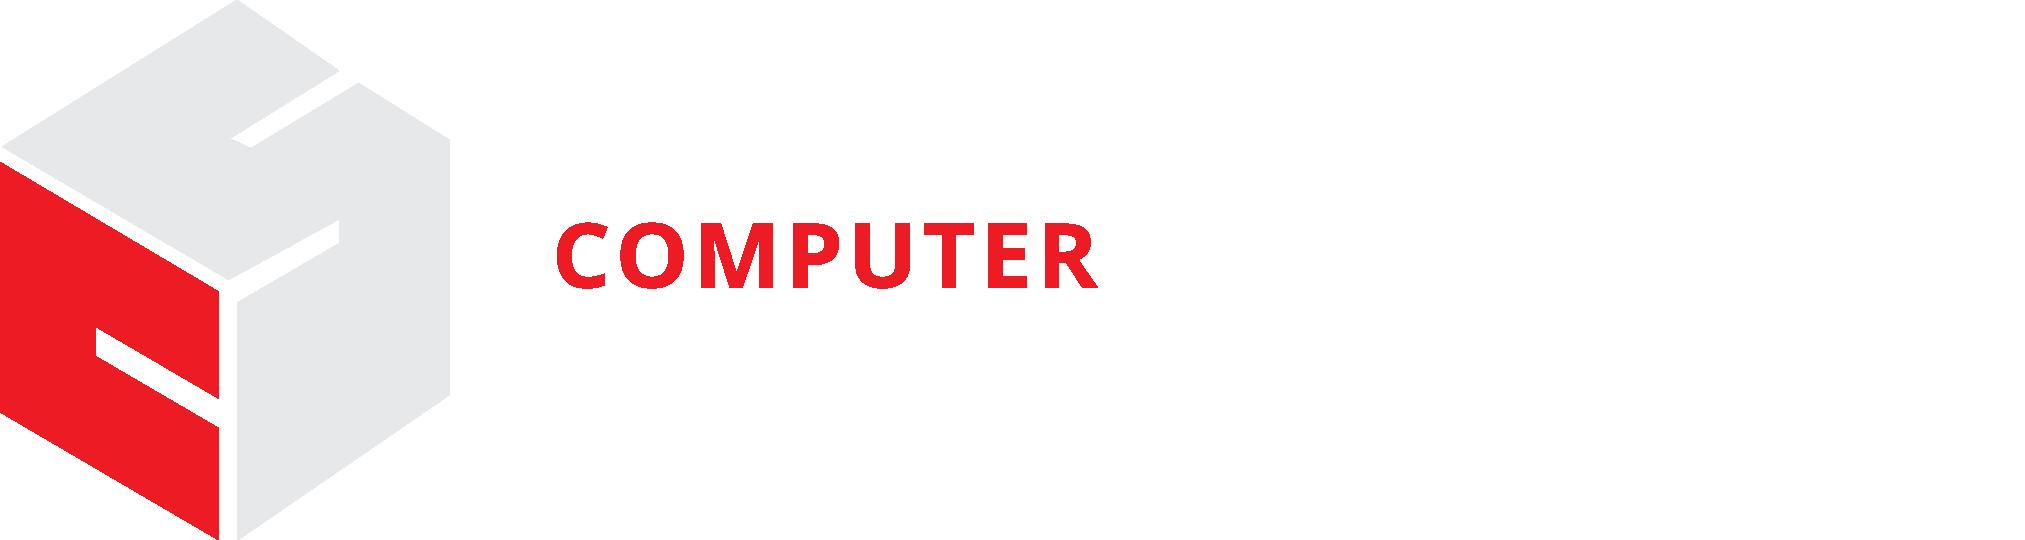 cs department logos and templates